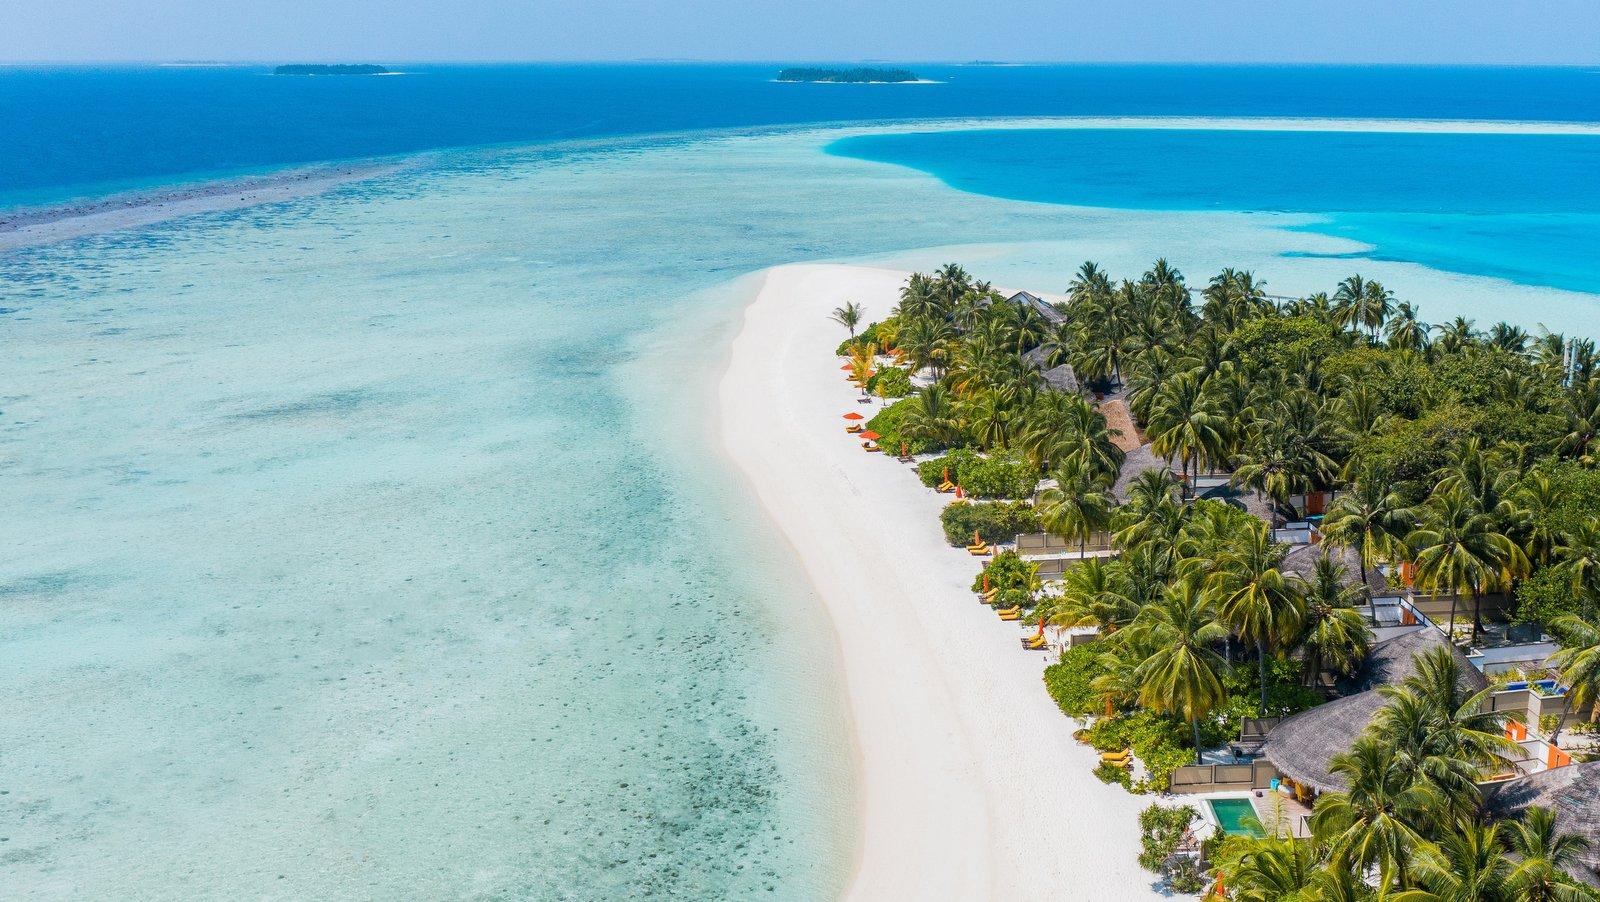 Мальдивы, отель Angsana Velavaru, пляж